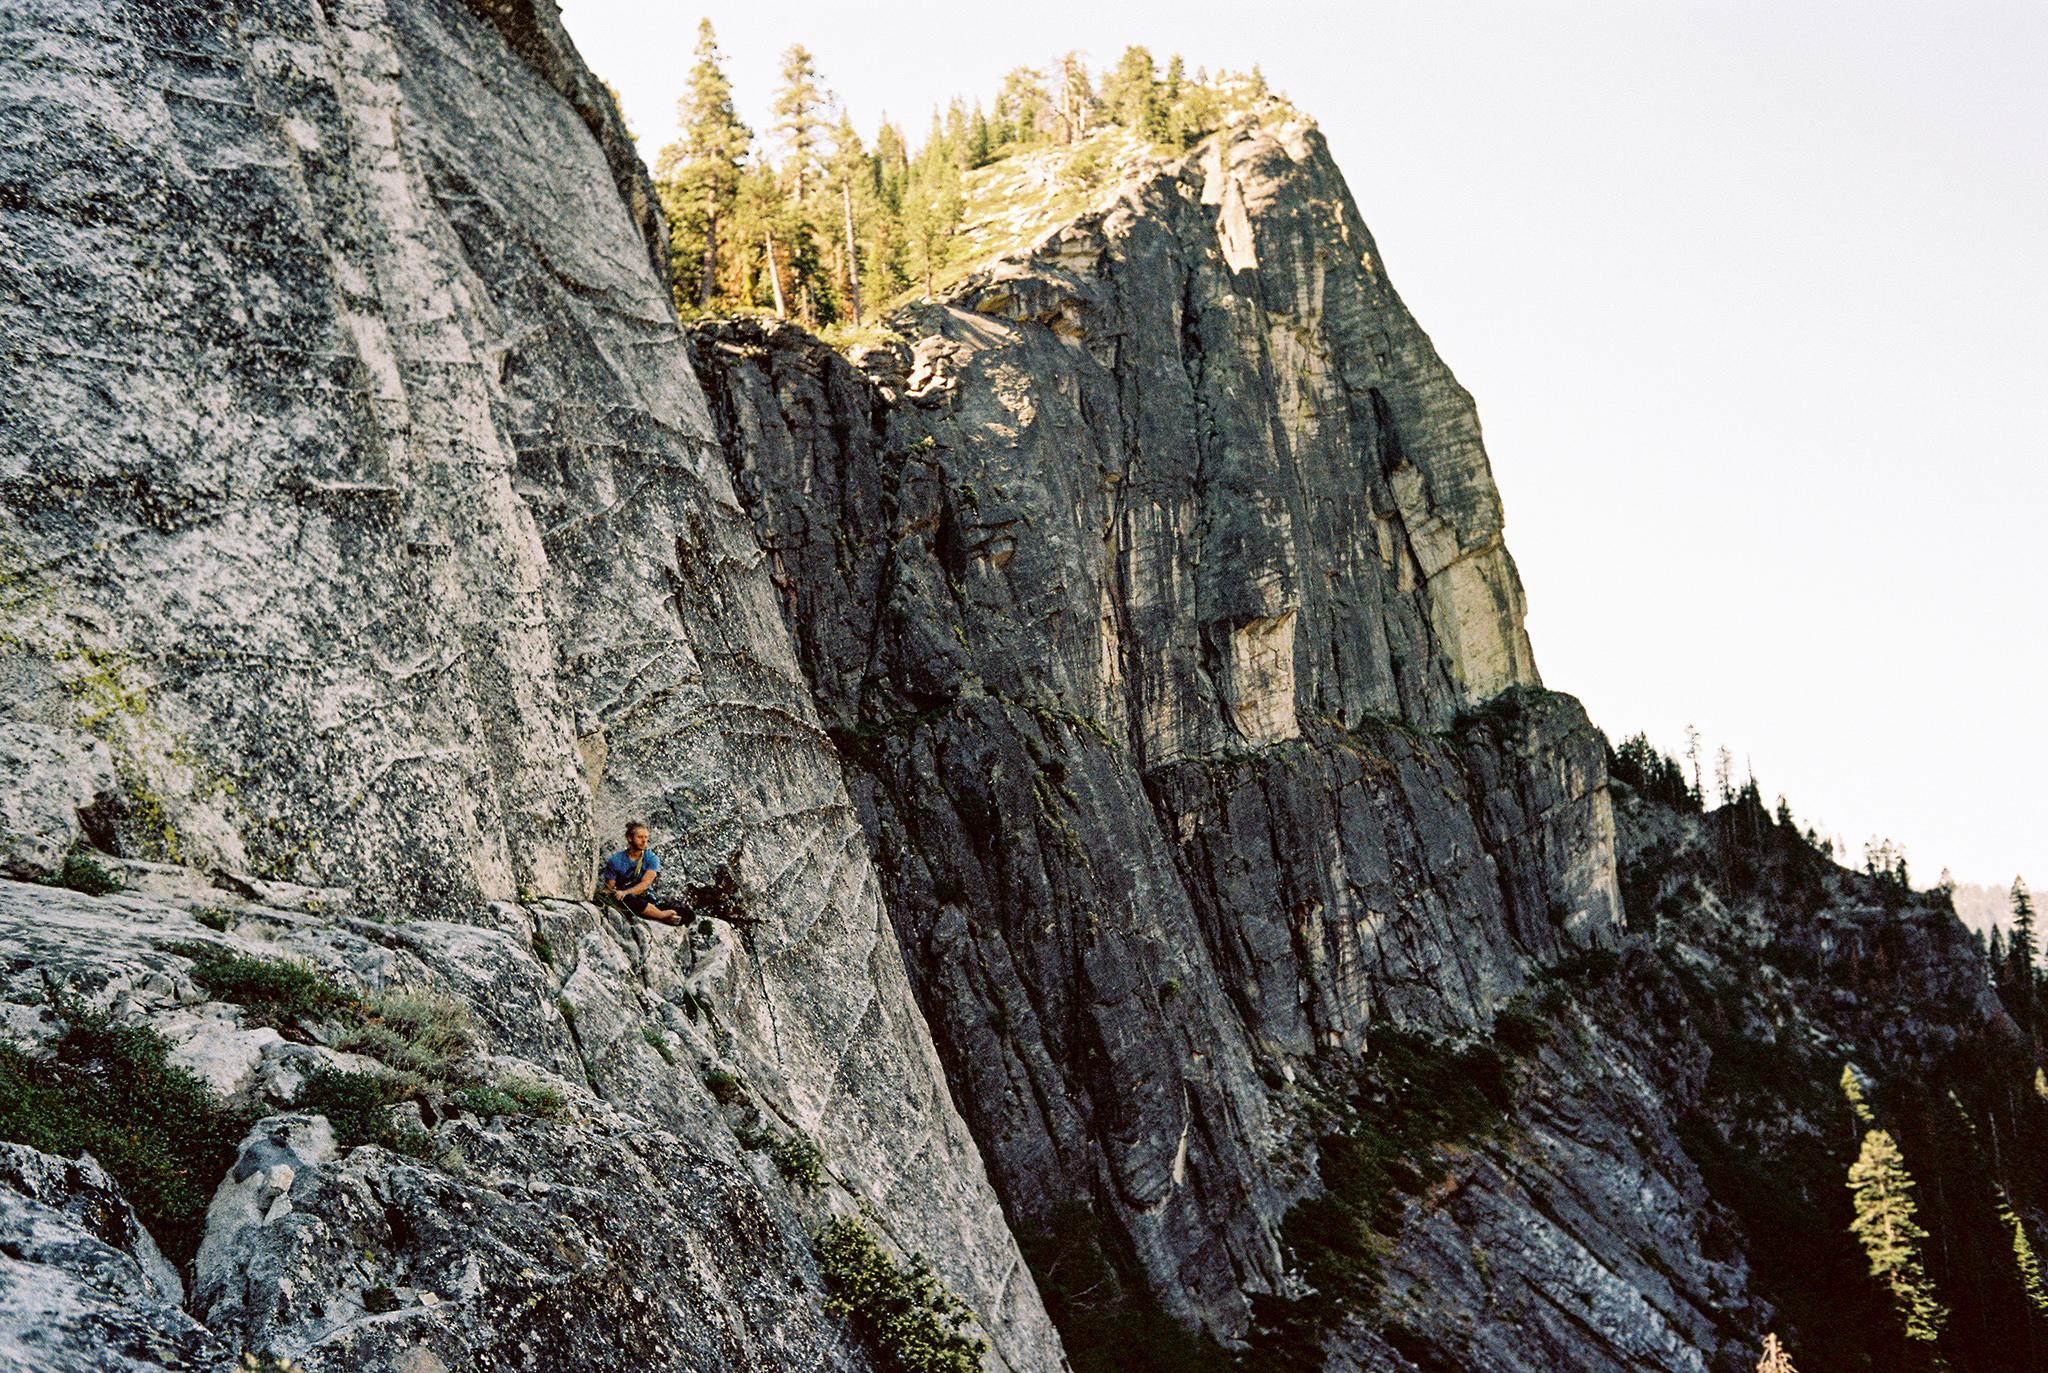 20170703-Portra-160-Lake-Tahoe-Climbing-6.jpg